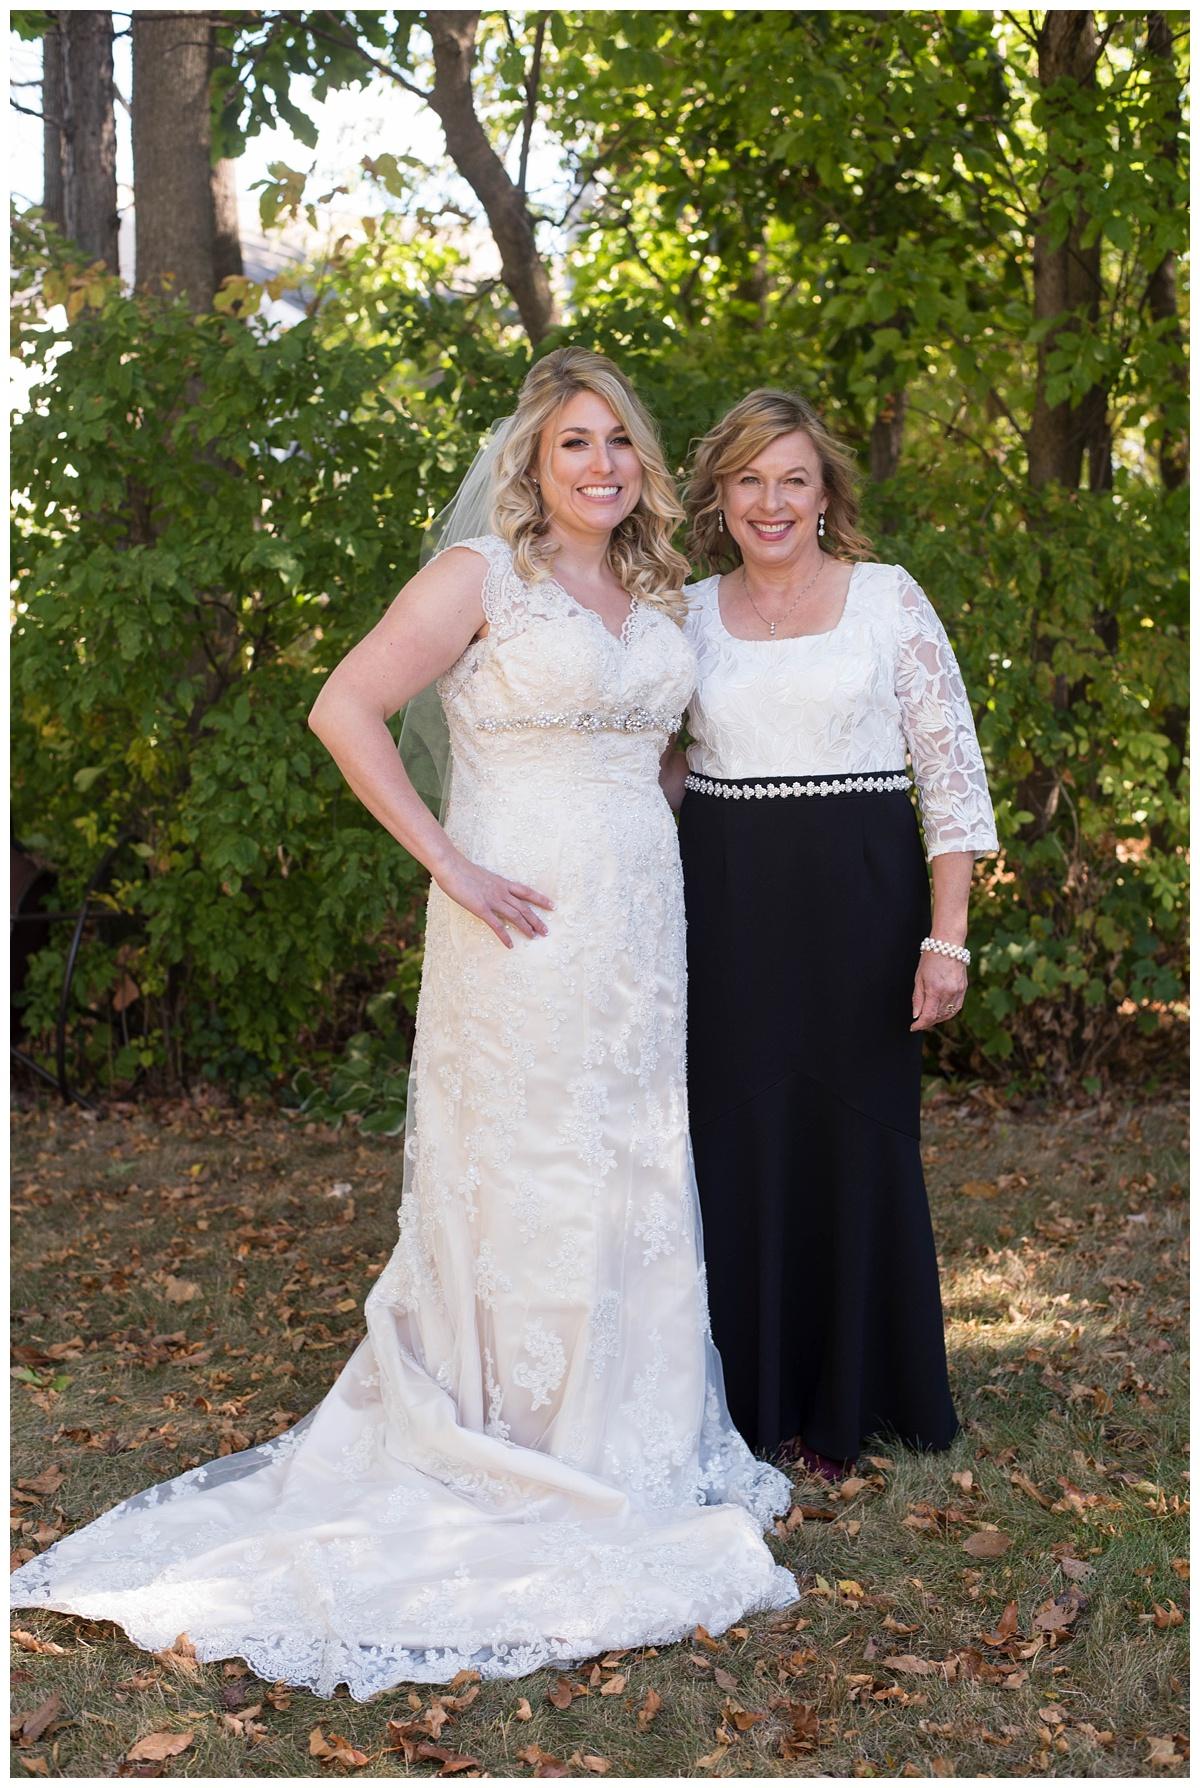 Fall Wedding at Lakehaven Kewaunee WI_0020.jpg